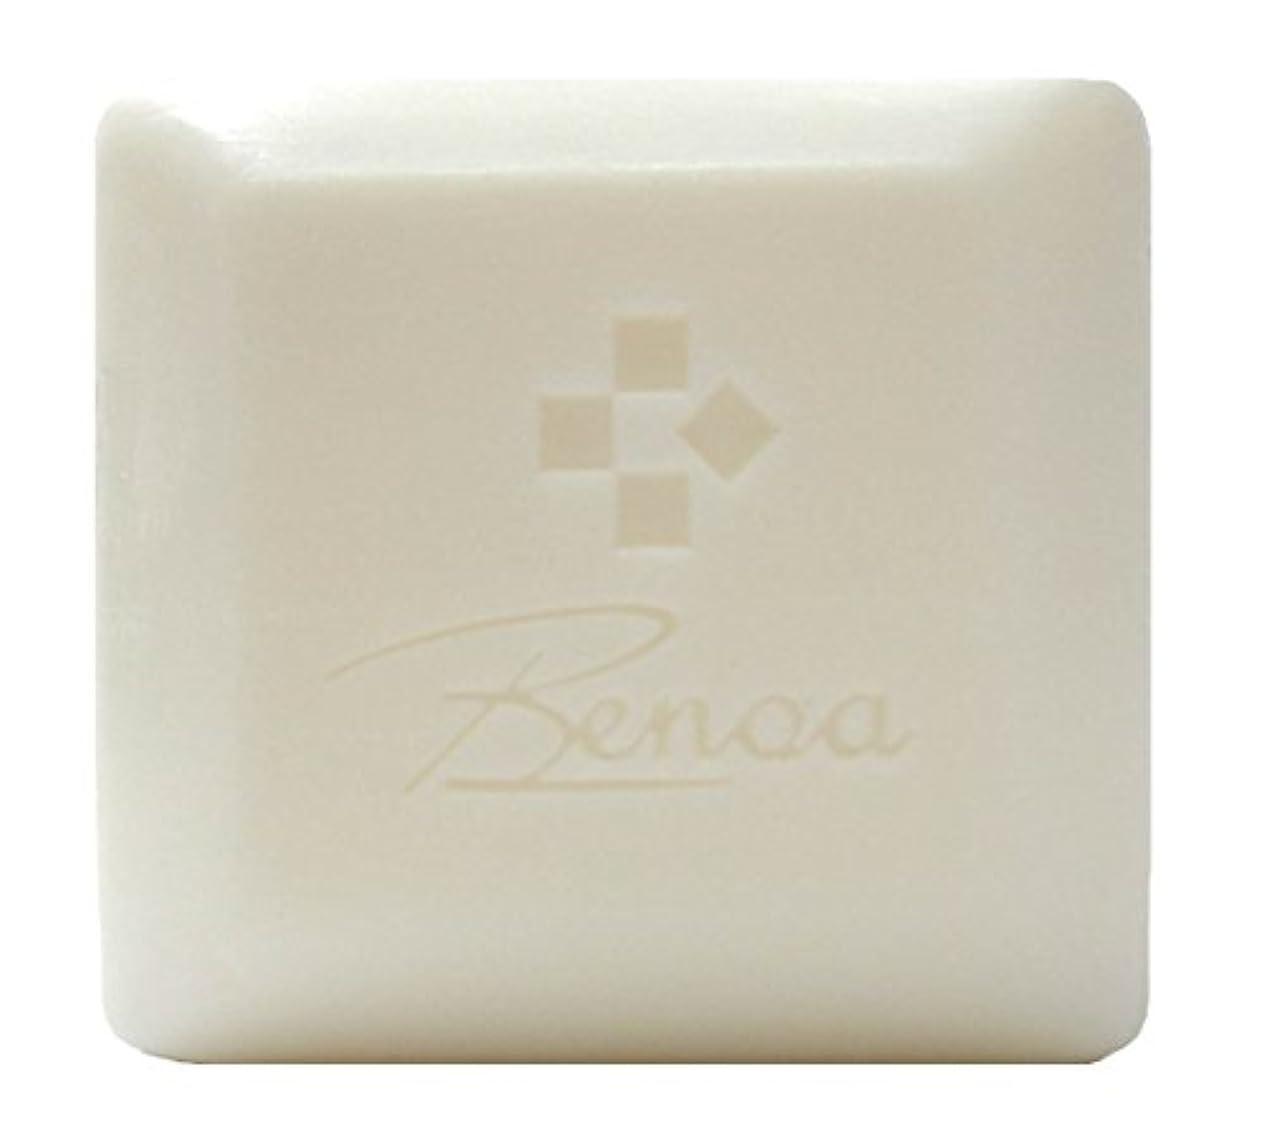 浅い苦味一元化するBenoa【ベノア】ベノア?ジァパン コラーゲンソープ【石鹸】